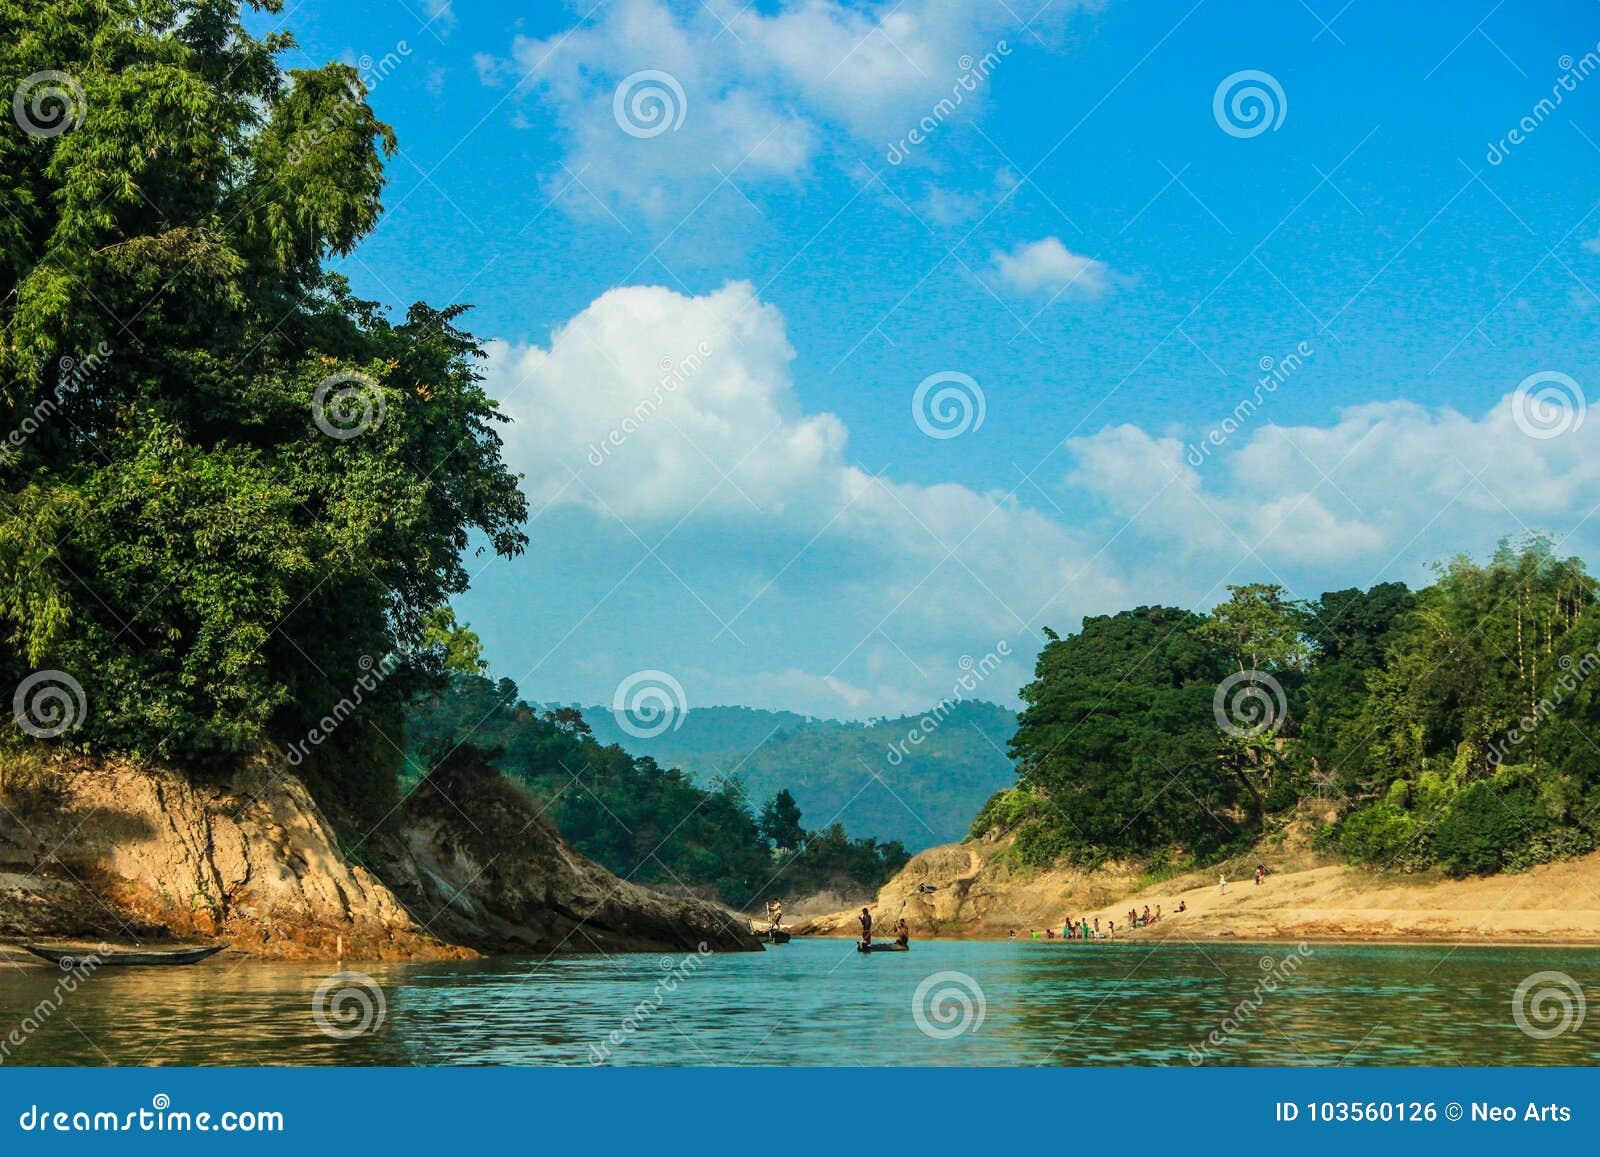 Lala Khal Natural Canal In Sylhet, Bangladesh Stock Photo